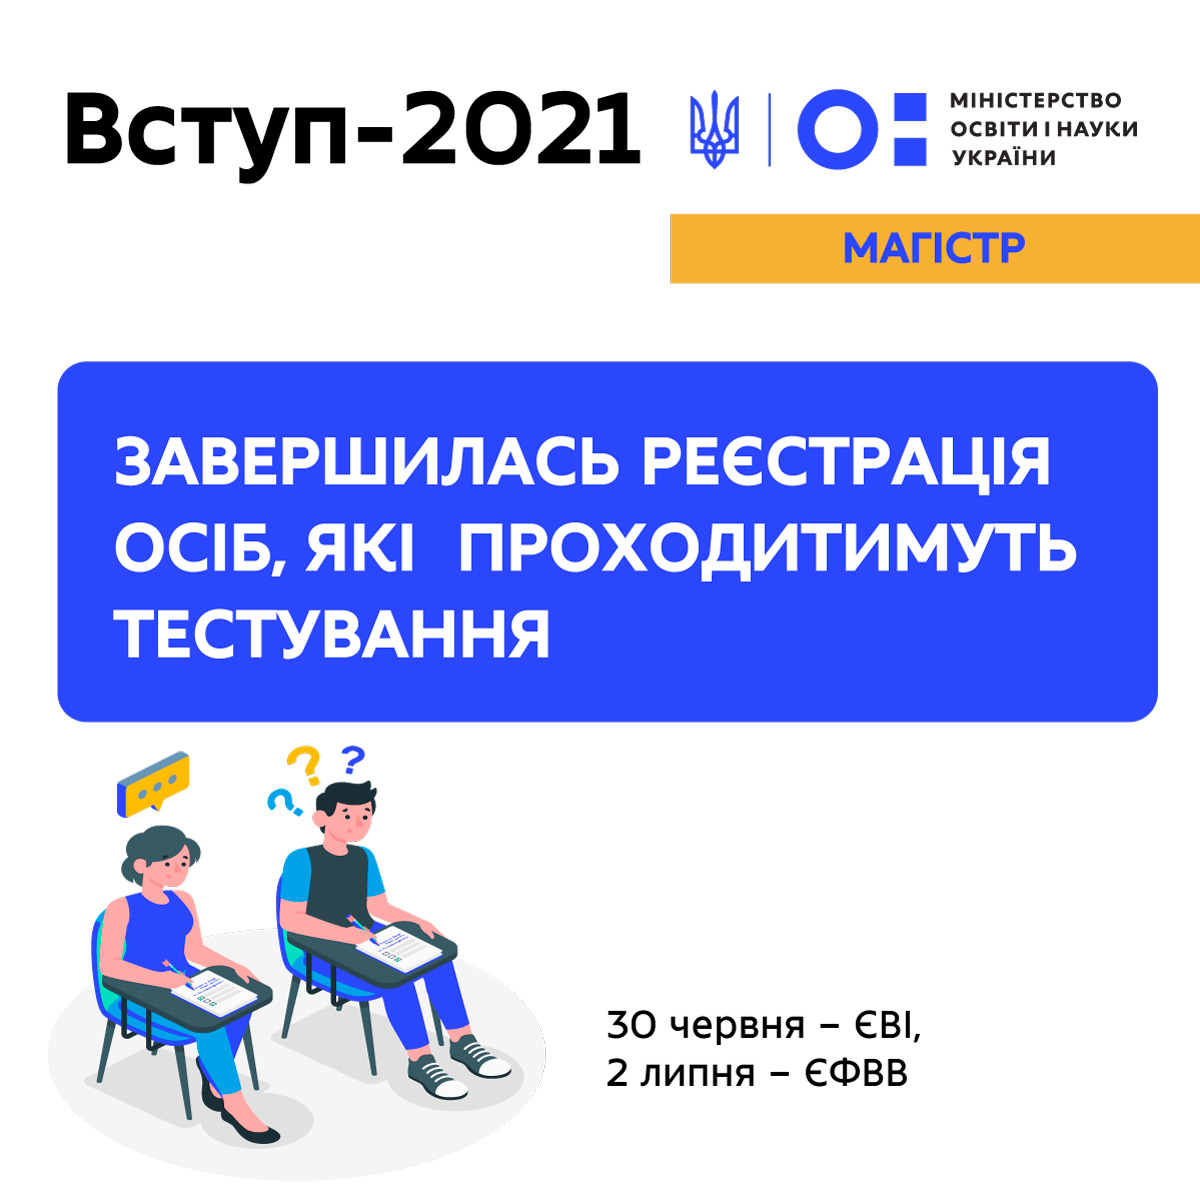 Завершилась реєстрація осіб, які складатимуть ЄВІ та ЄФВВ для вступу до магістратури